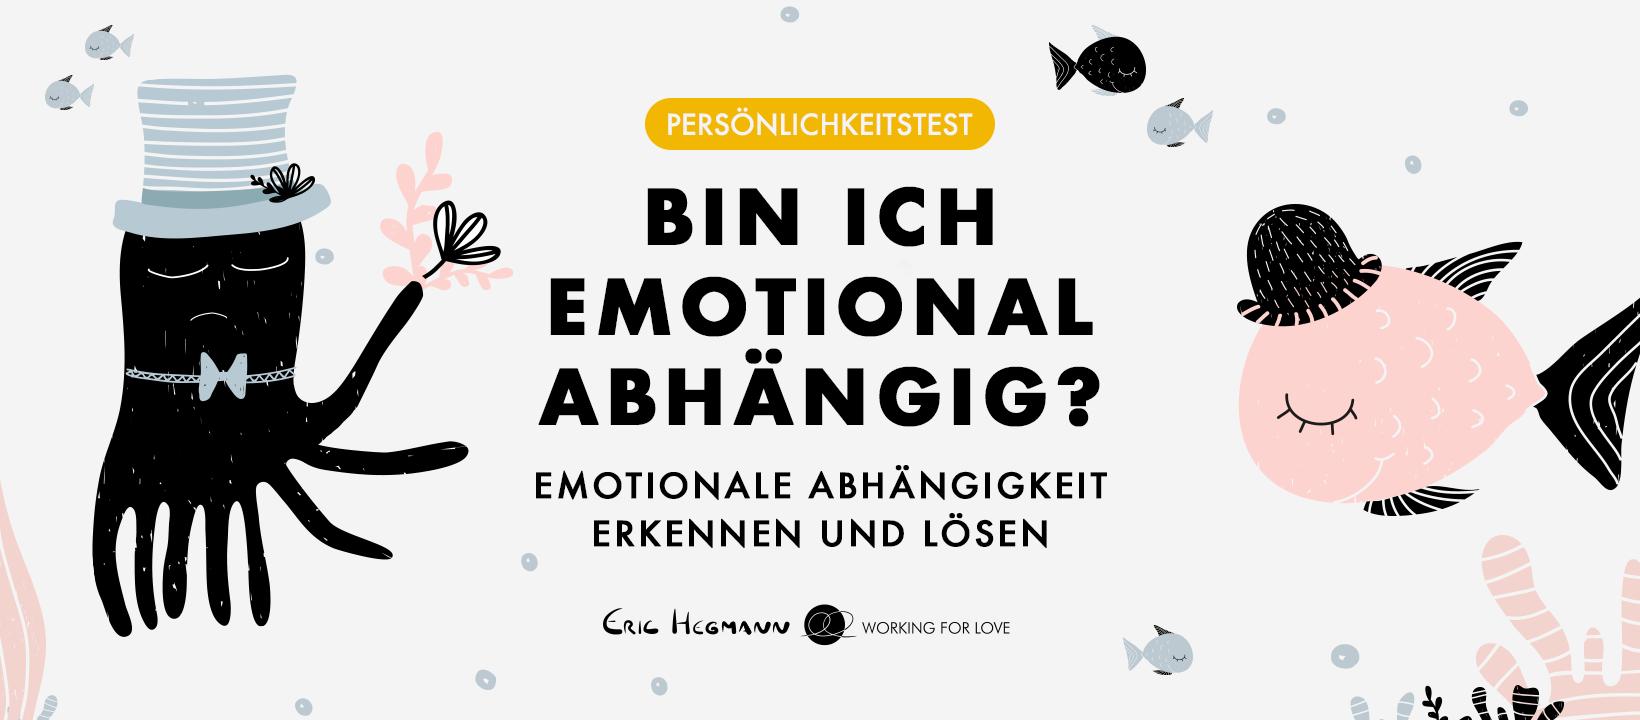 Eine emotionale Abhängigkeit ist keine Liebe. Dieser mehrstufige Persönlichkeitstest erfasst Ihre Beziehungsdynamik.